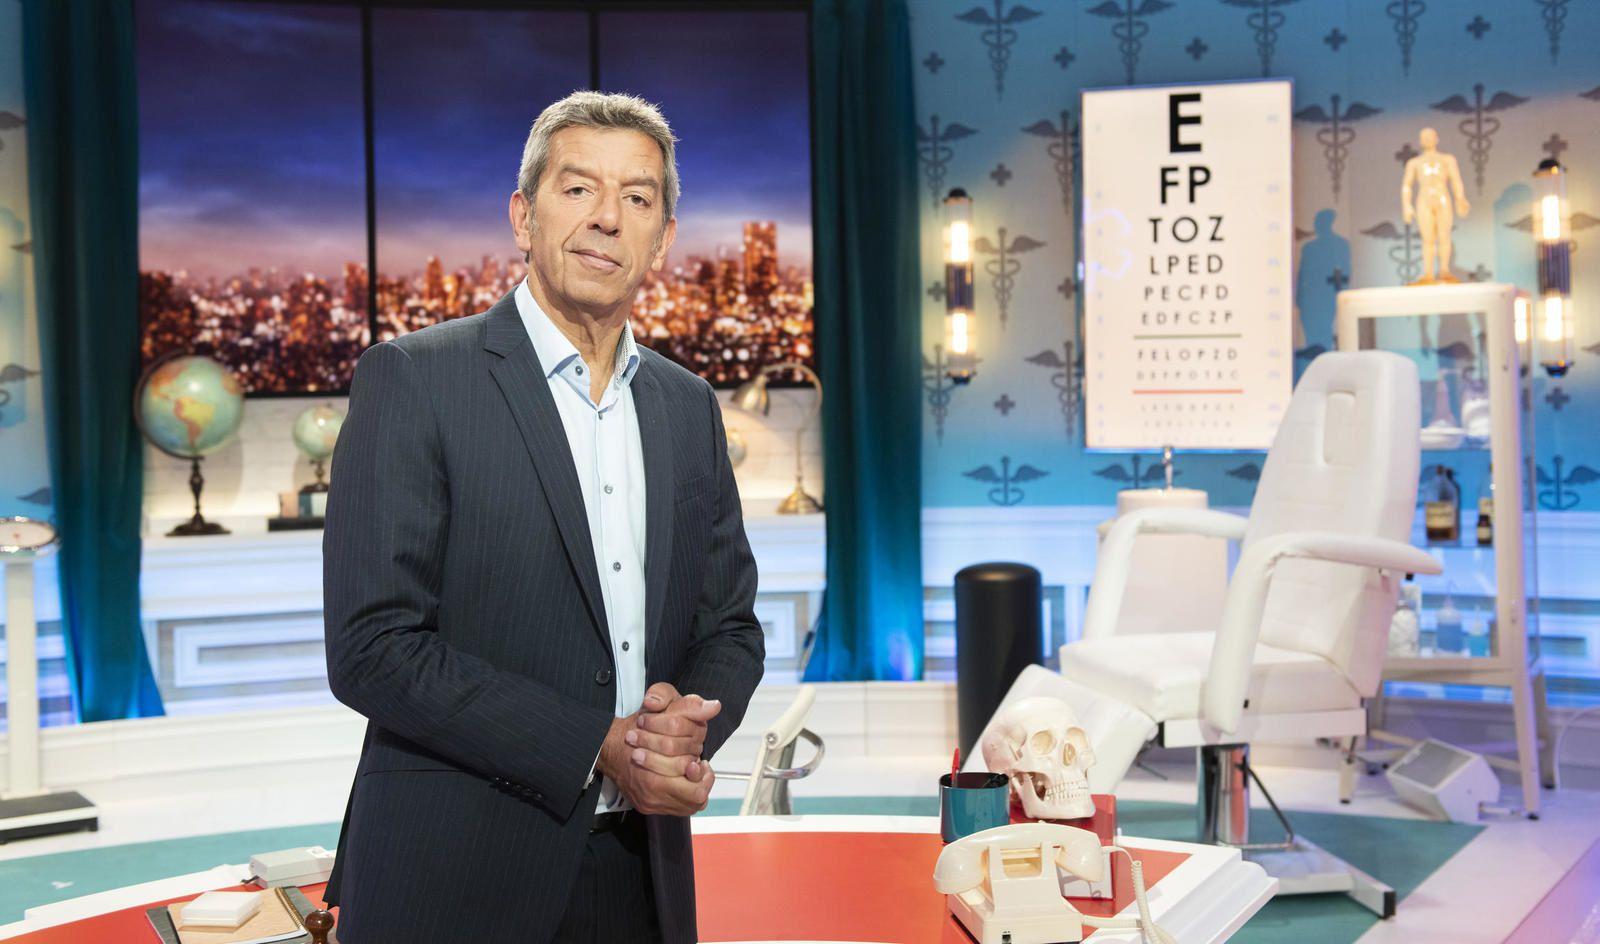 Sur France 2, Michel Cymes va aider des personnes à sortir de la sédentarisation et se reprendre en main.